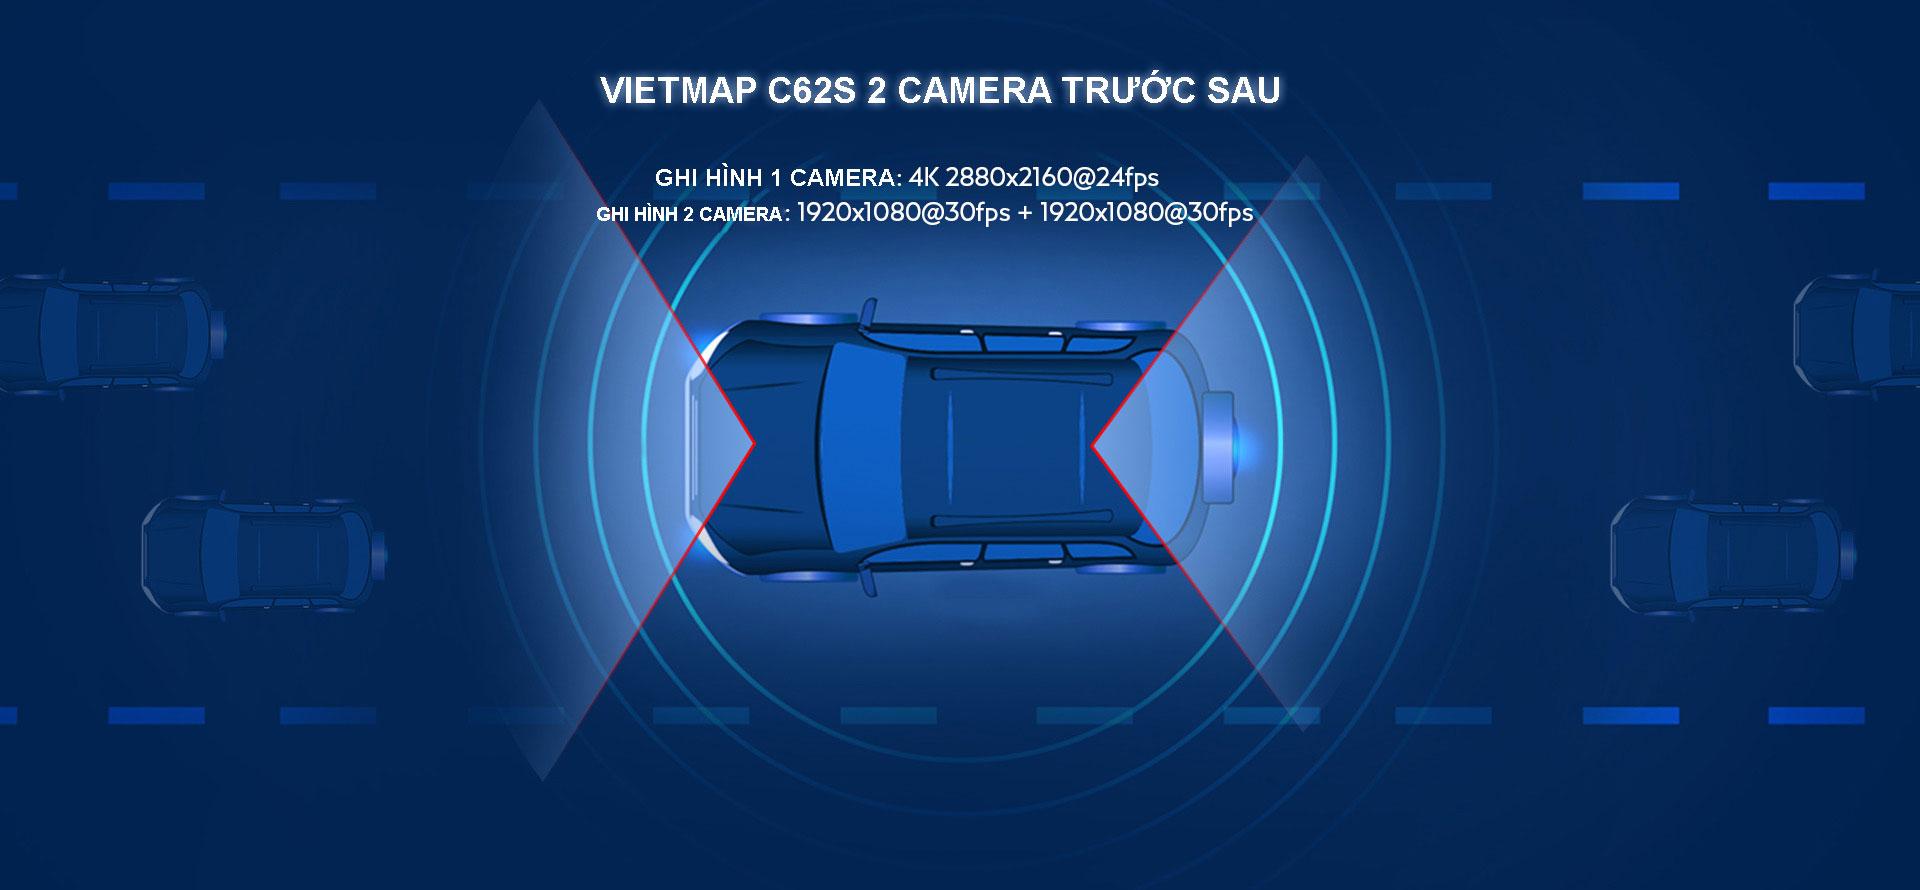 Camera Hành Trình Vietmap C62S Phiên Bản Mới có 2 sự lựa chọn độ phân giải